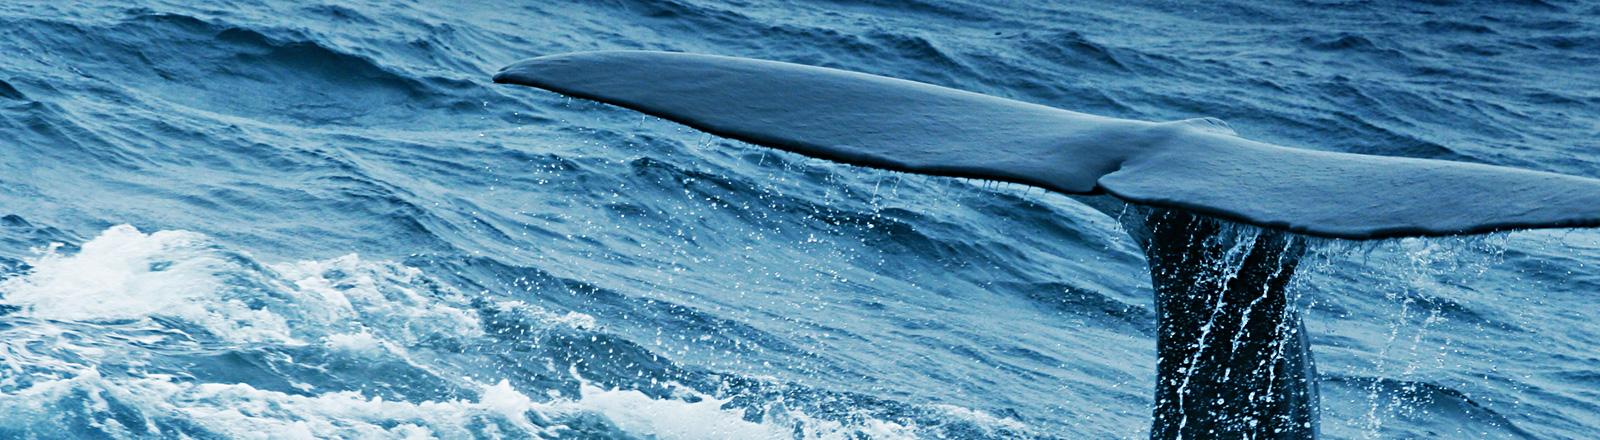 Die Schwanzflosse eines Wals schaut aus dem Meereswasser.